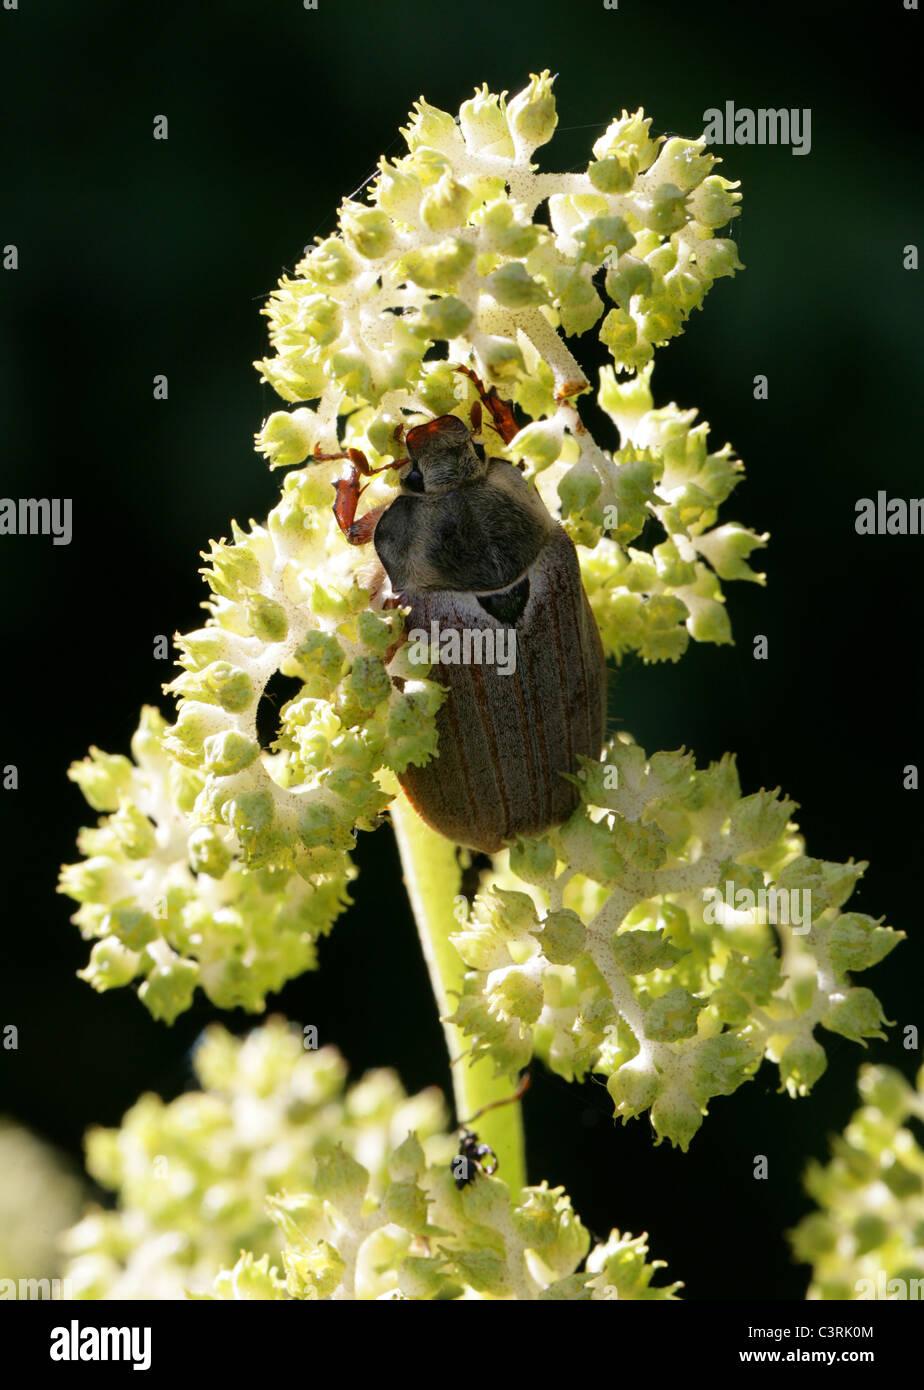 Maybug or Cockchafer, Melolontha melolontha, Melolonthinae, Poxviridae, Coleoptera. Stock Photo